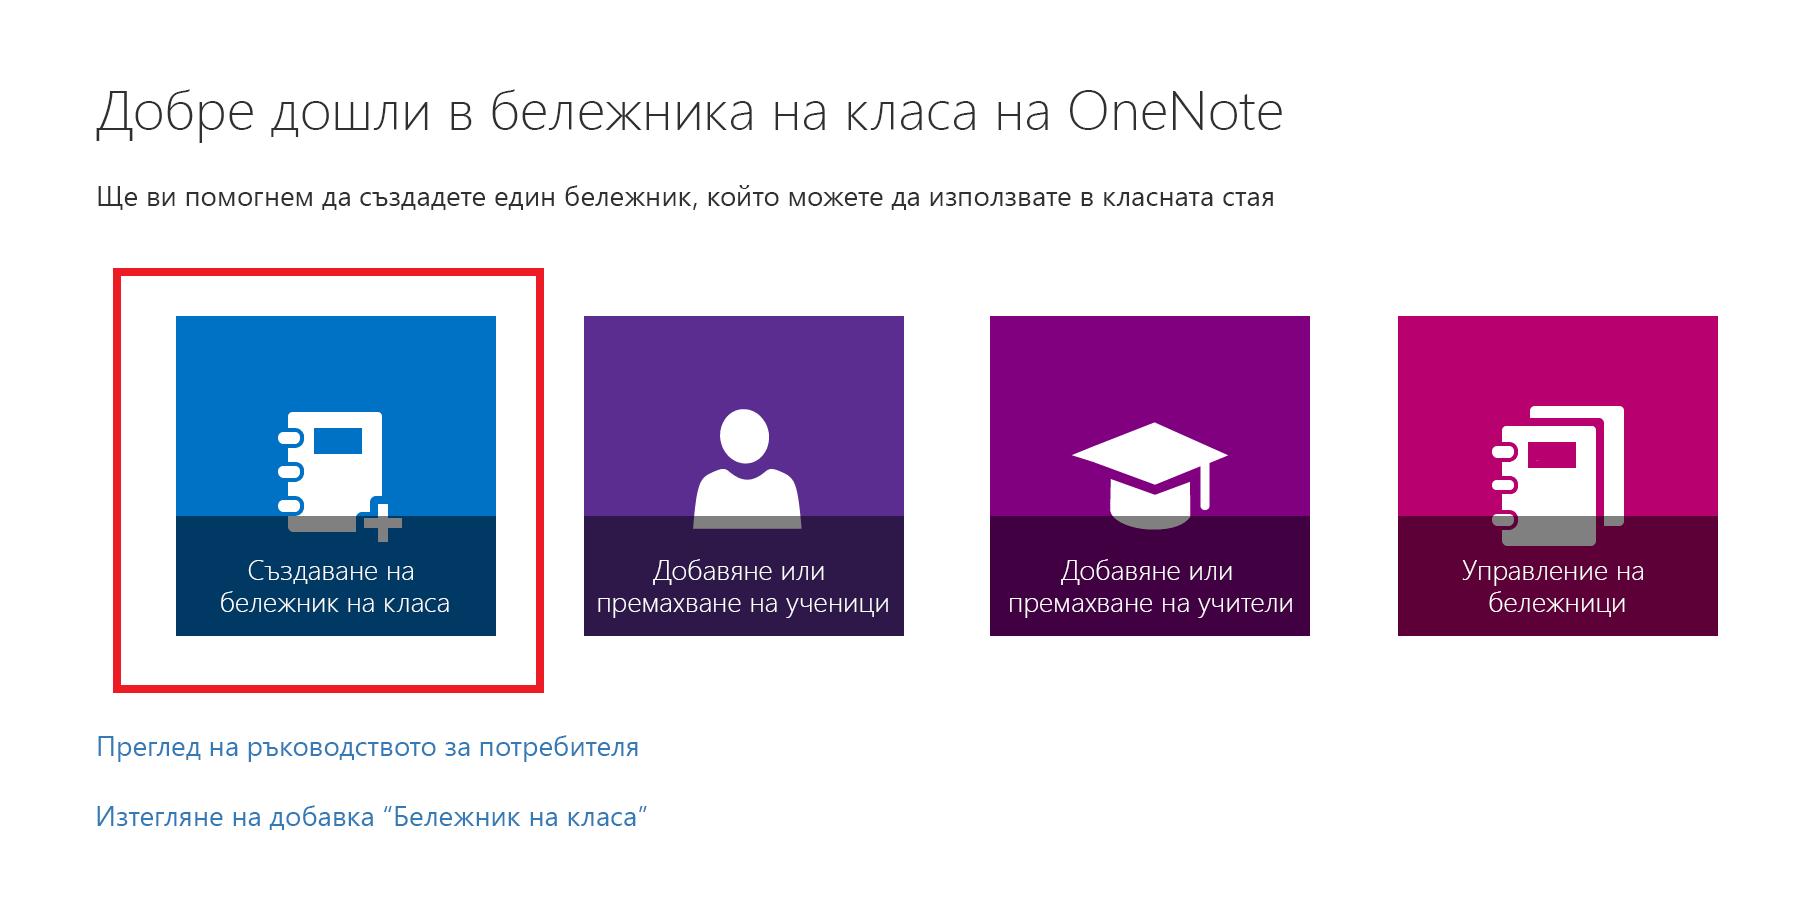 Екранна снимка на страницата с приветствие на приложението за бележник на класа.